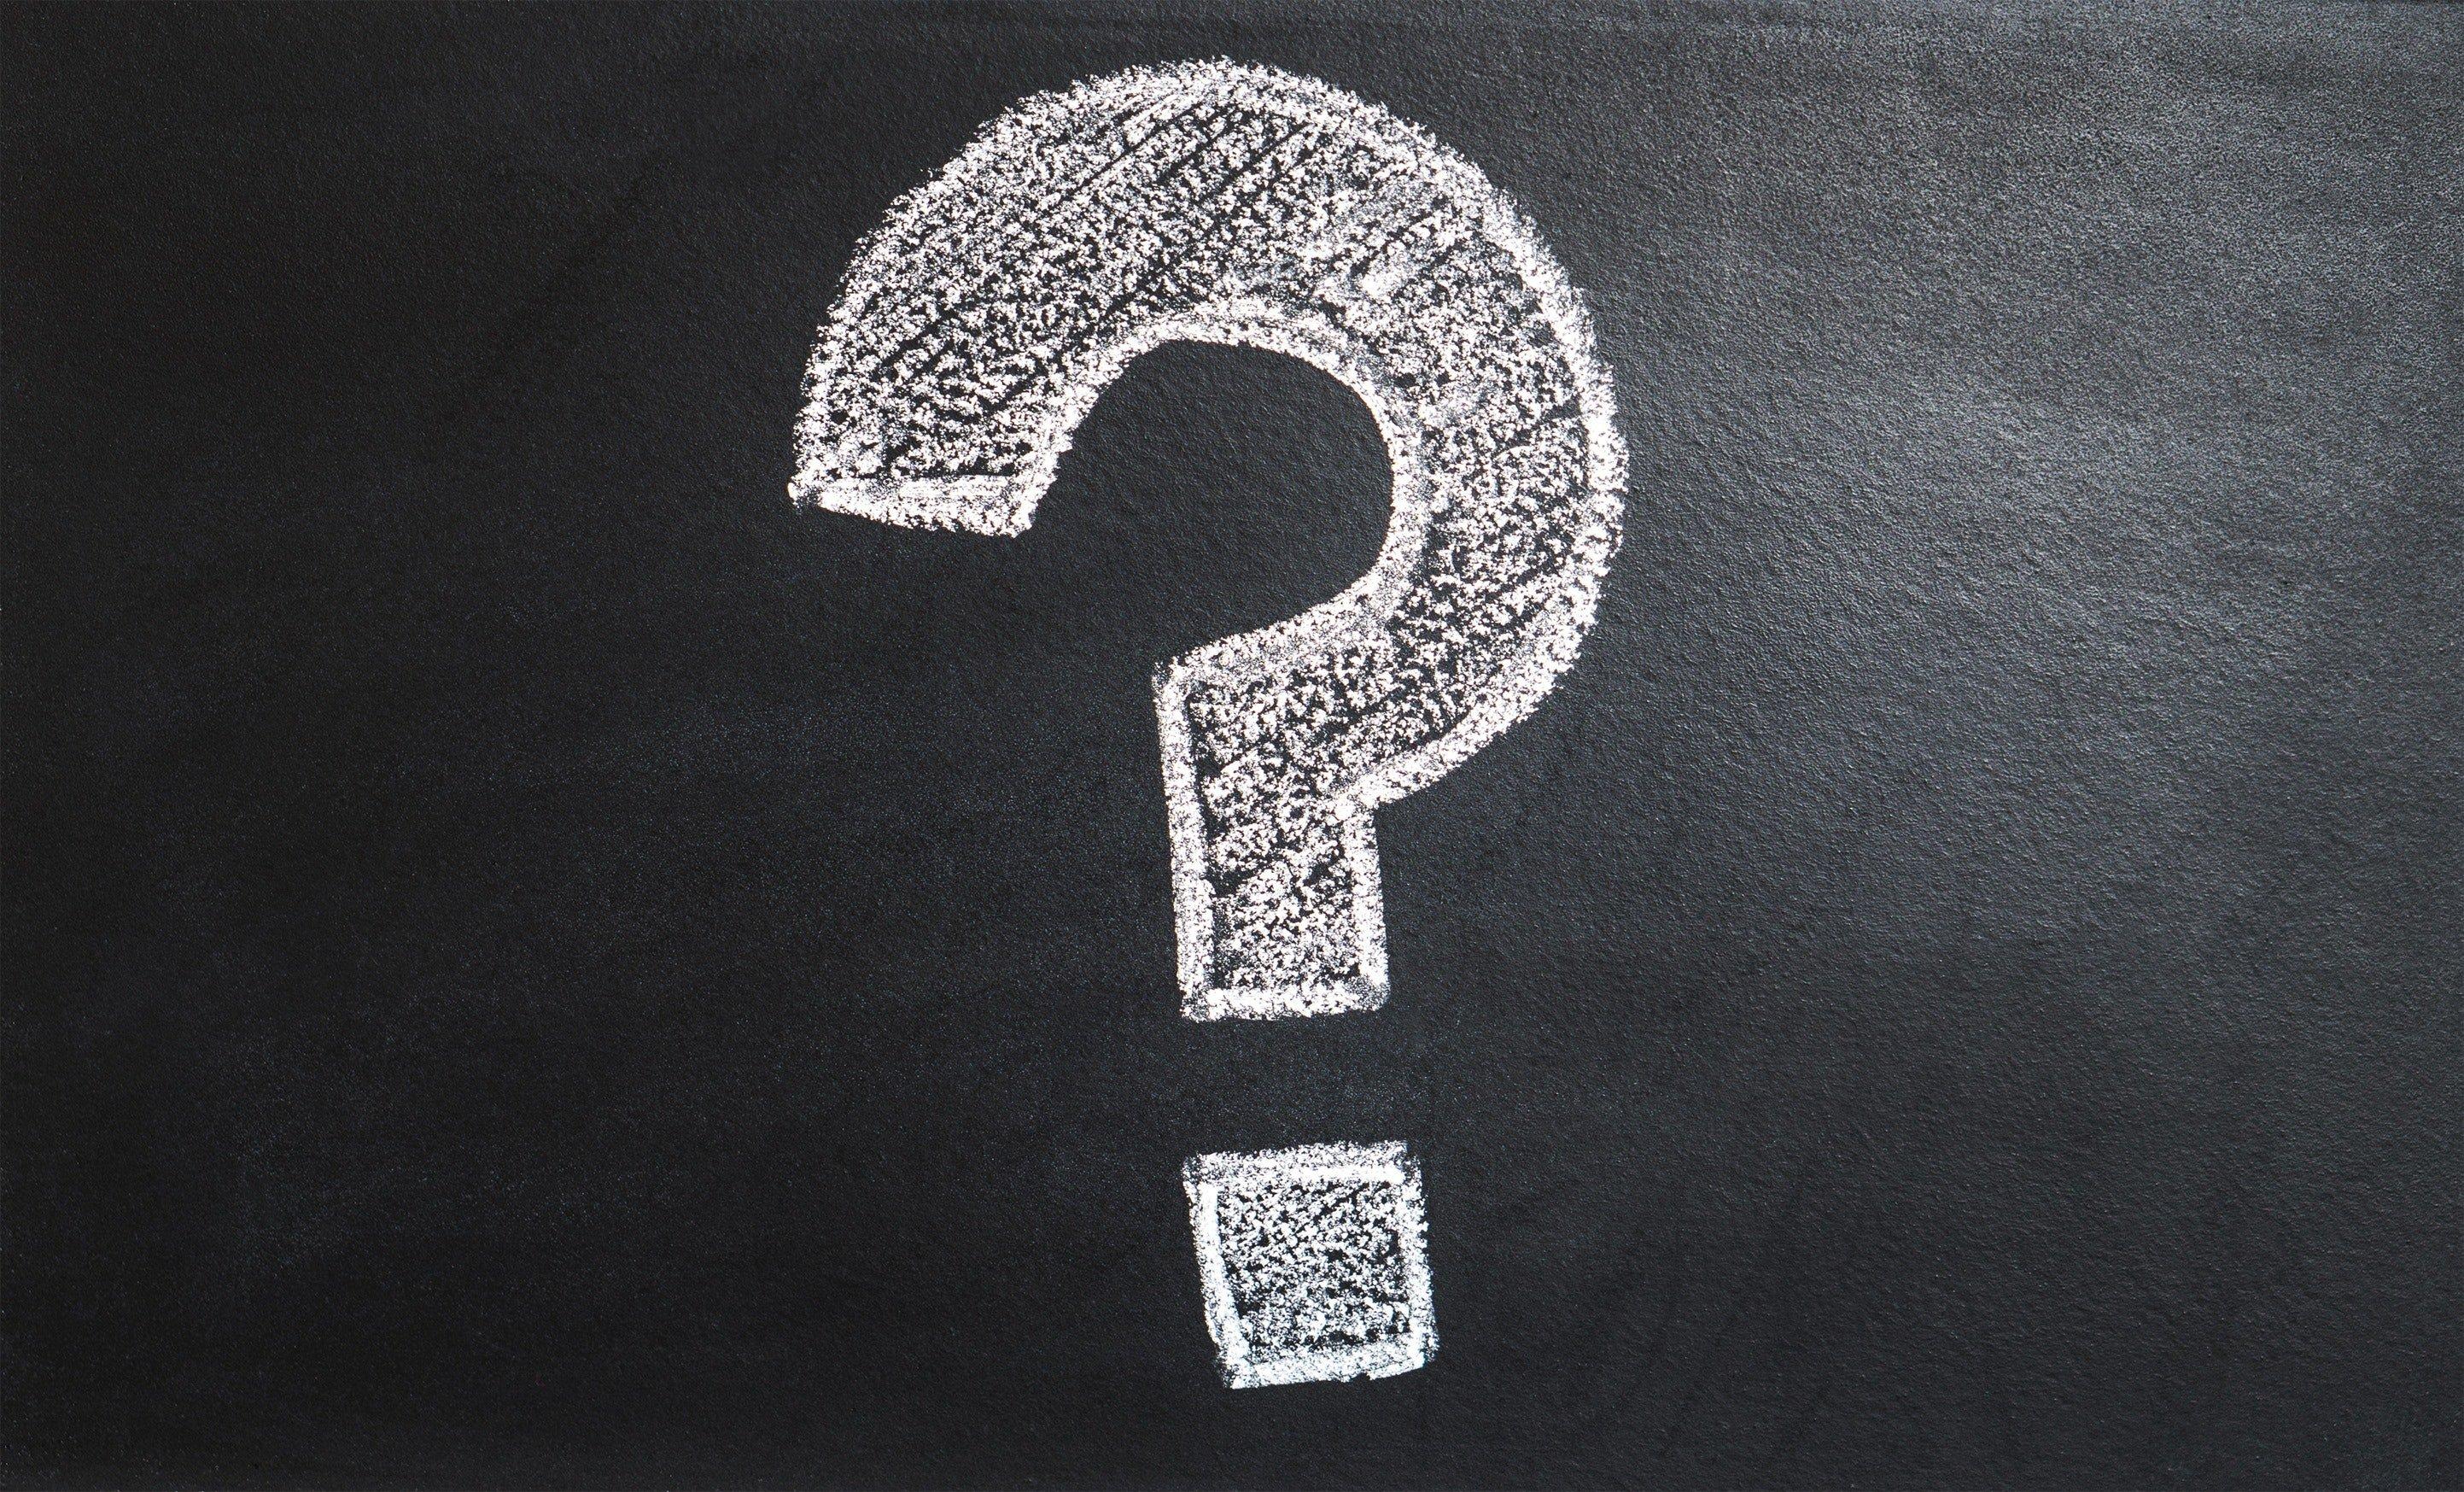 Question mark drawn on a chalkboard